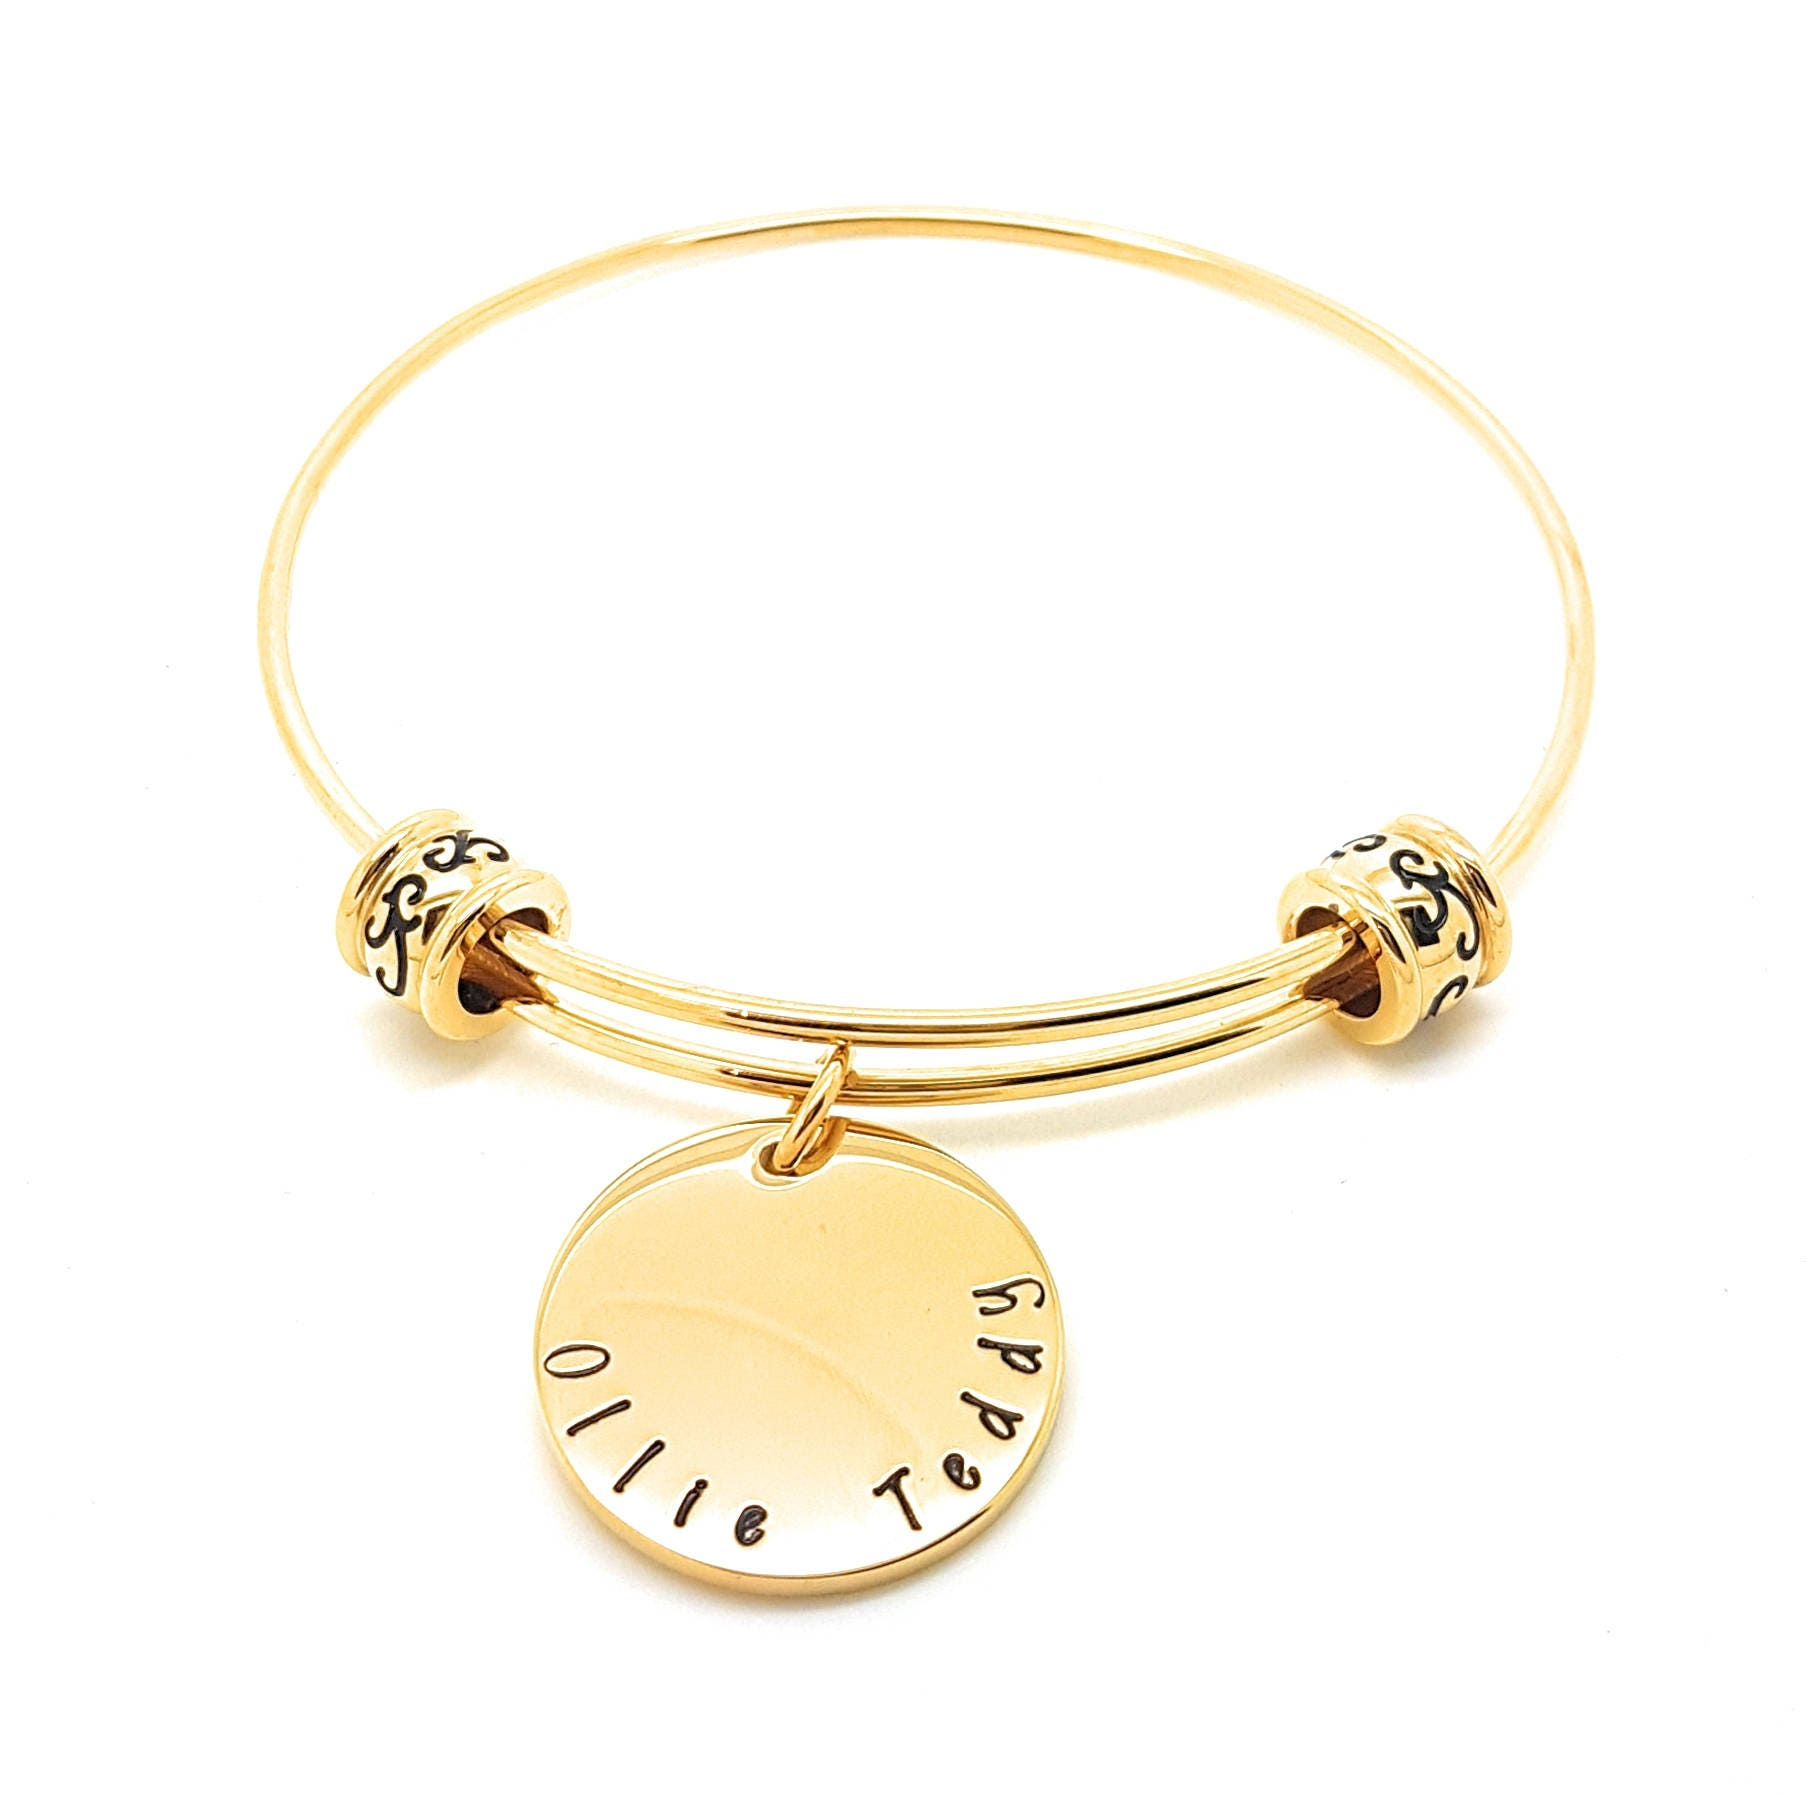 Personalised Jewellery Personalised Braclet Charm Bracelet